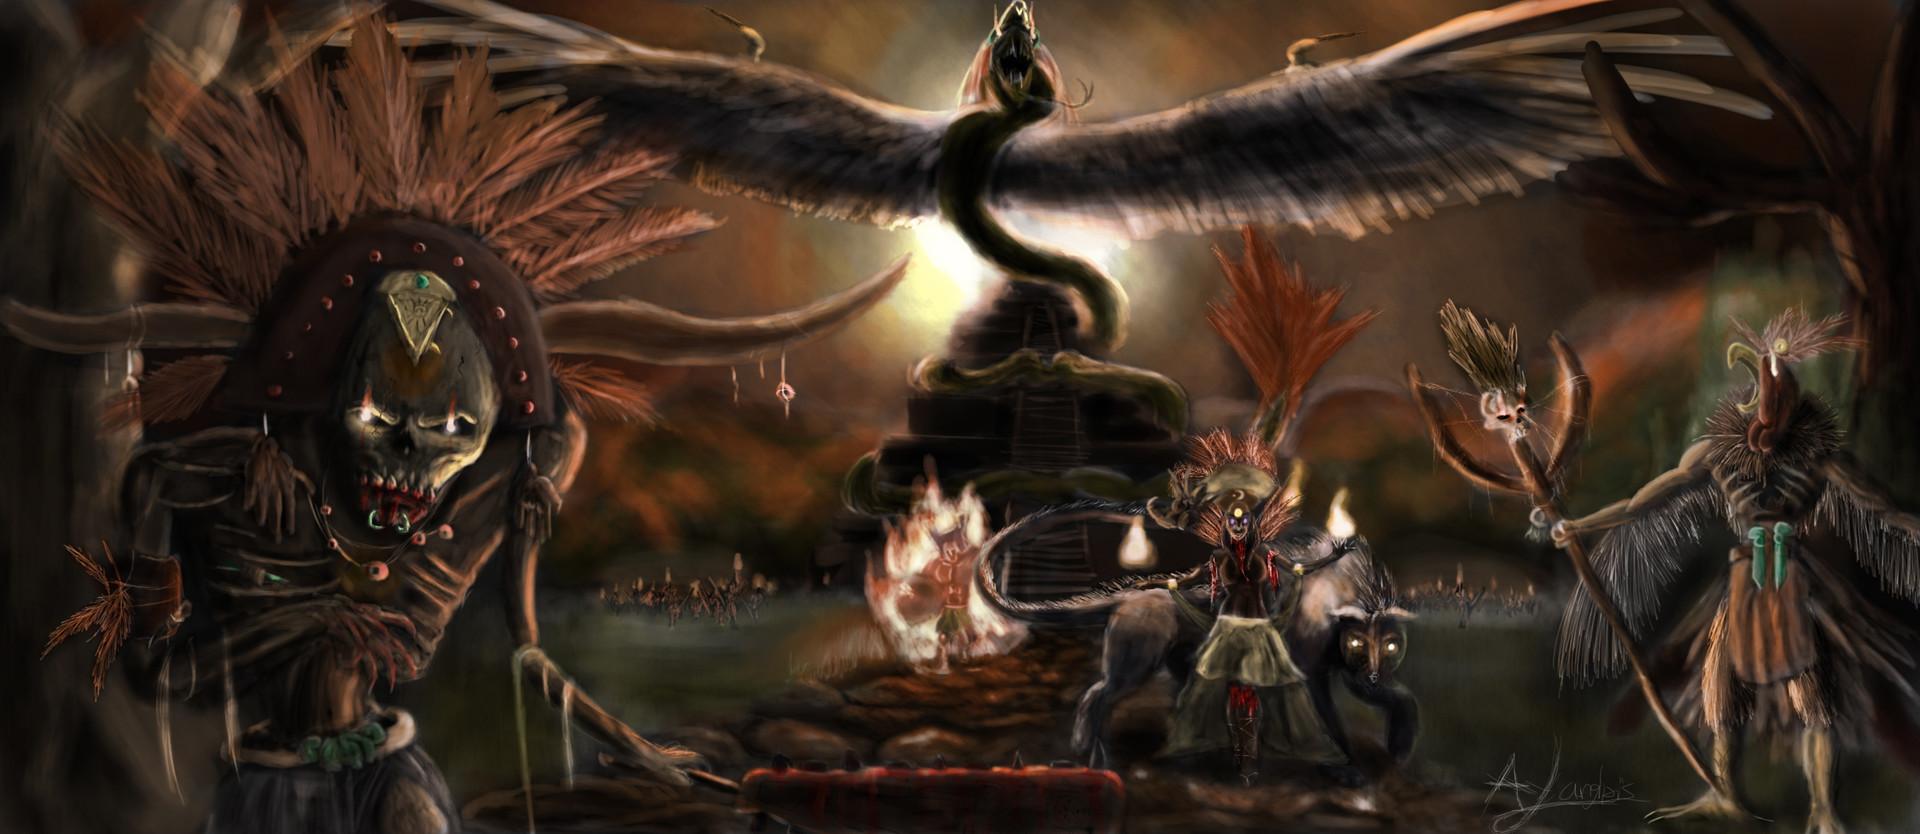 potenza L'ascesa degli dèi aztechi - by Alexandre Langlois artstation.com © dell'autore